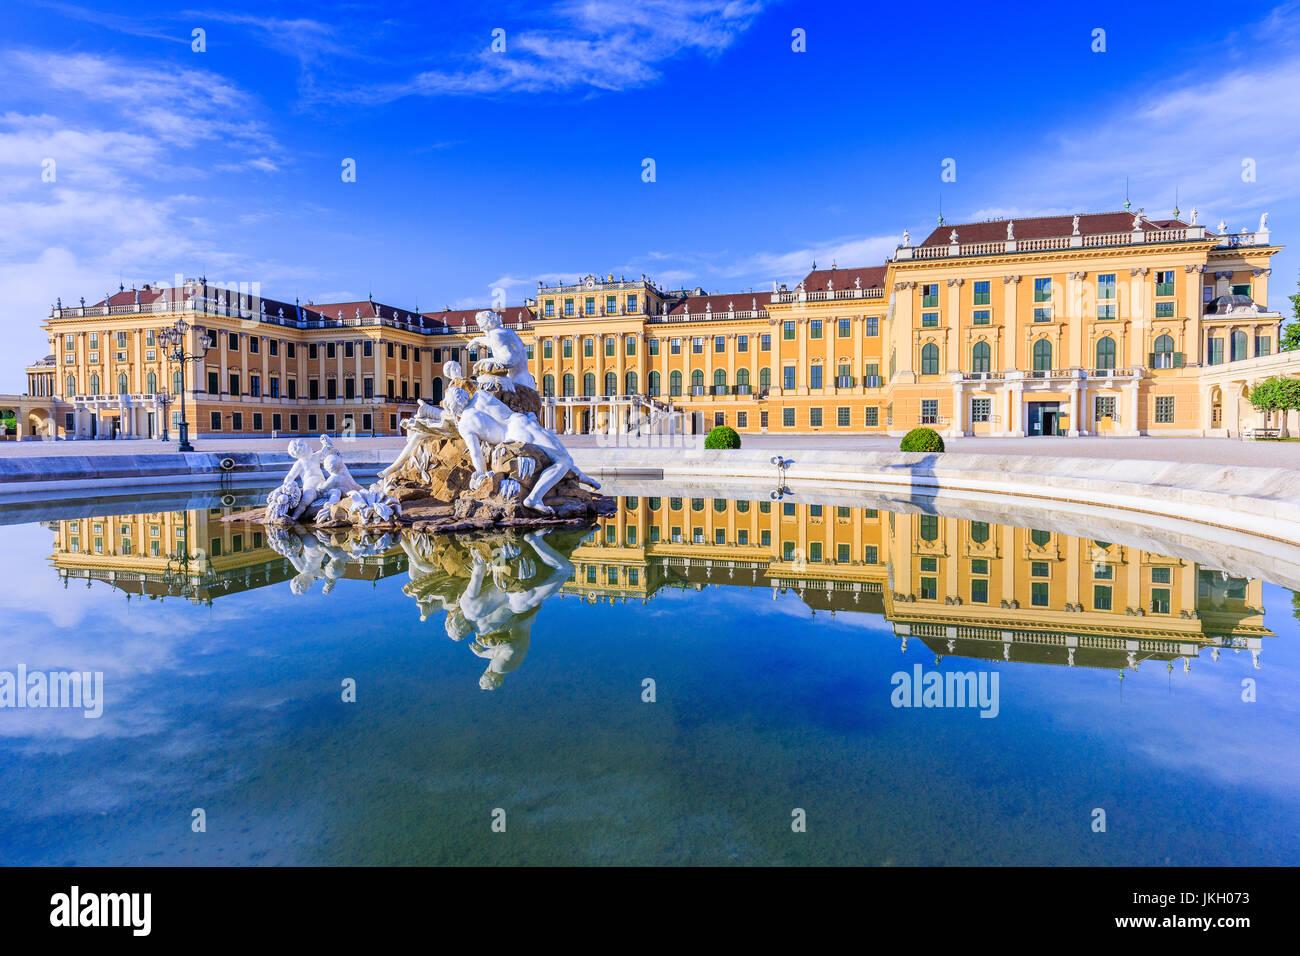 Viena, Austria - 28 de junio, 2016: Palacio de Schonbrunn. La antigua residencia de verano imperial es un sitio Imagen De Stock